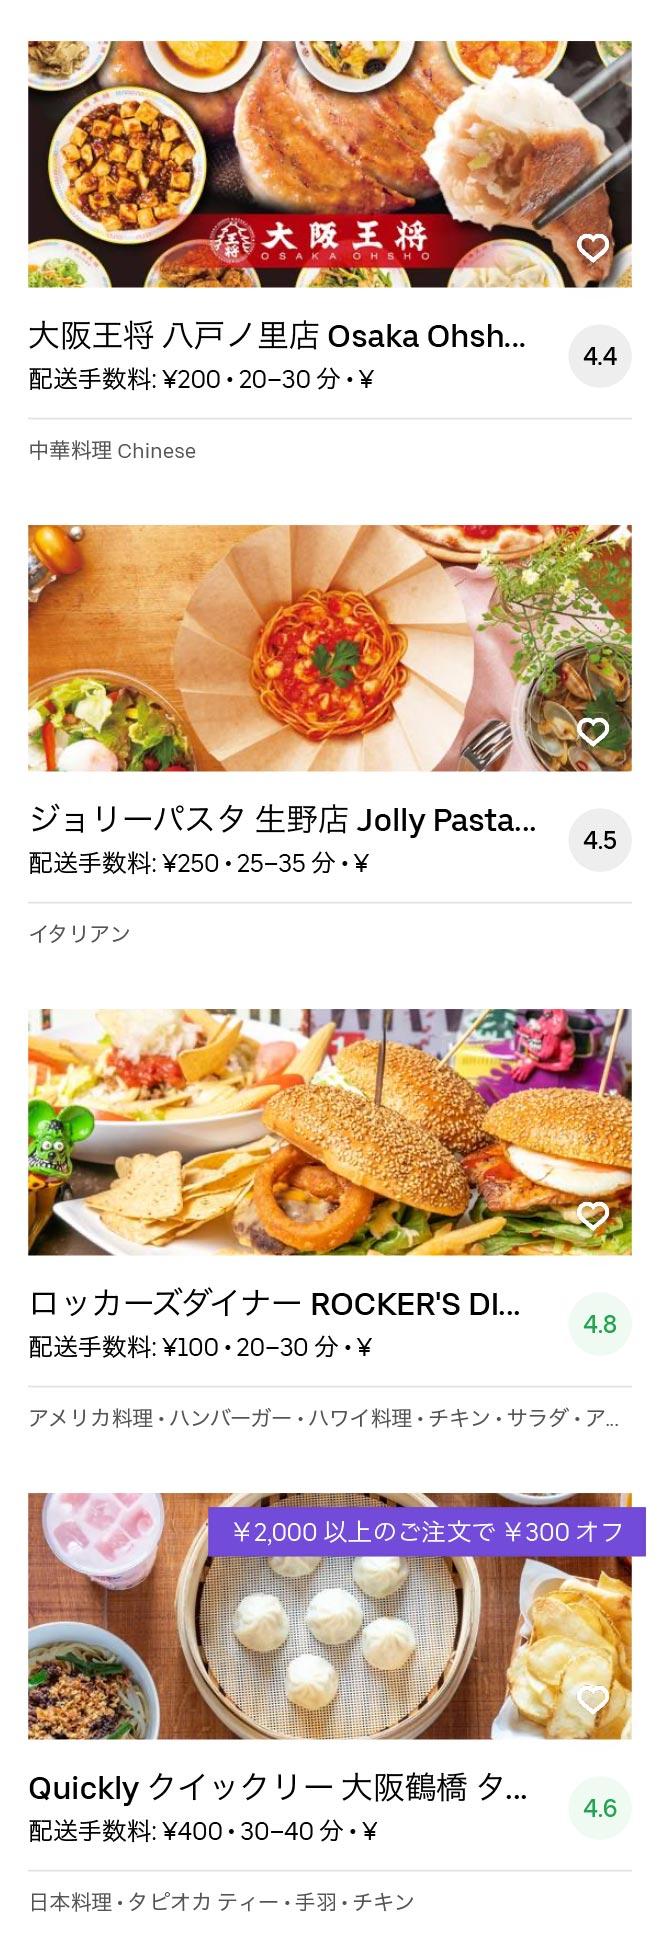 Higashi osaka nagase menu 2005 11